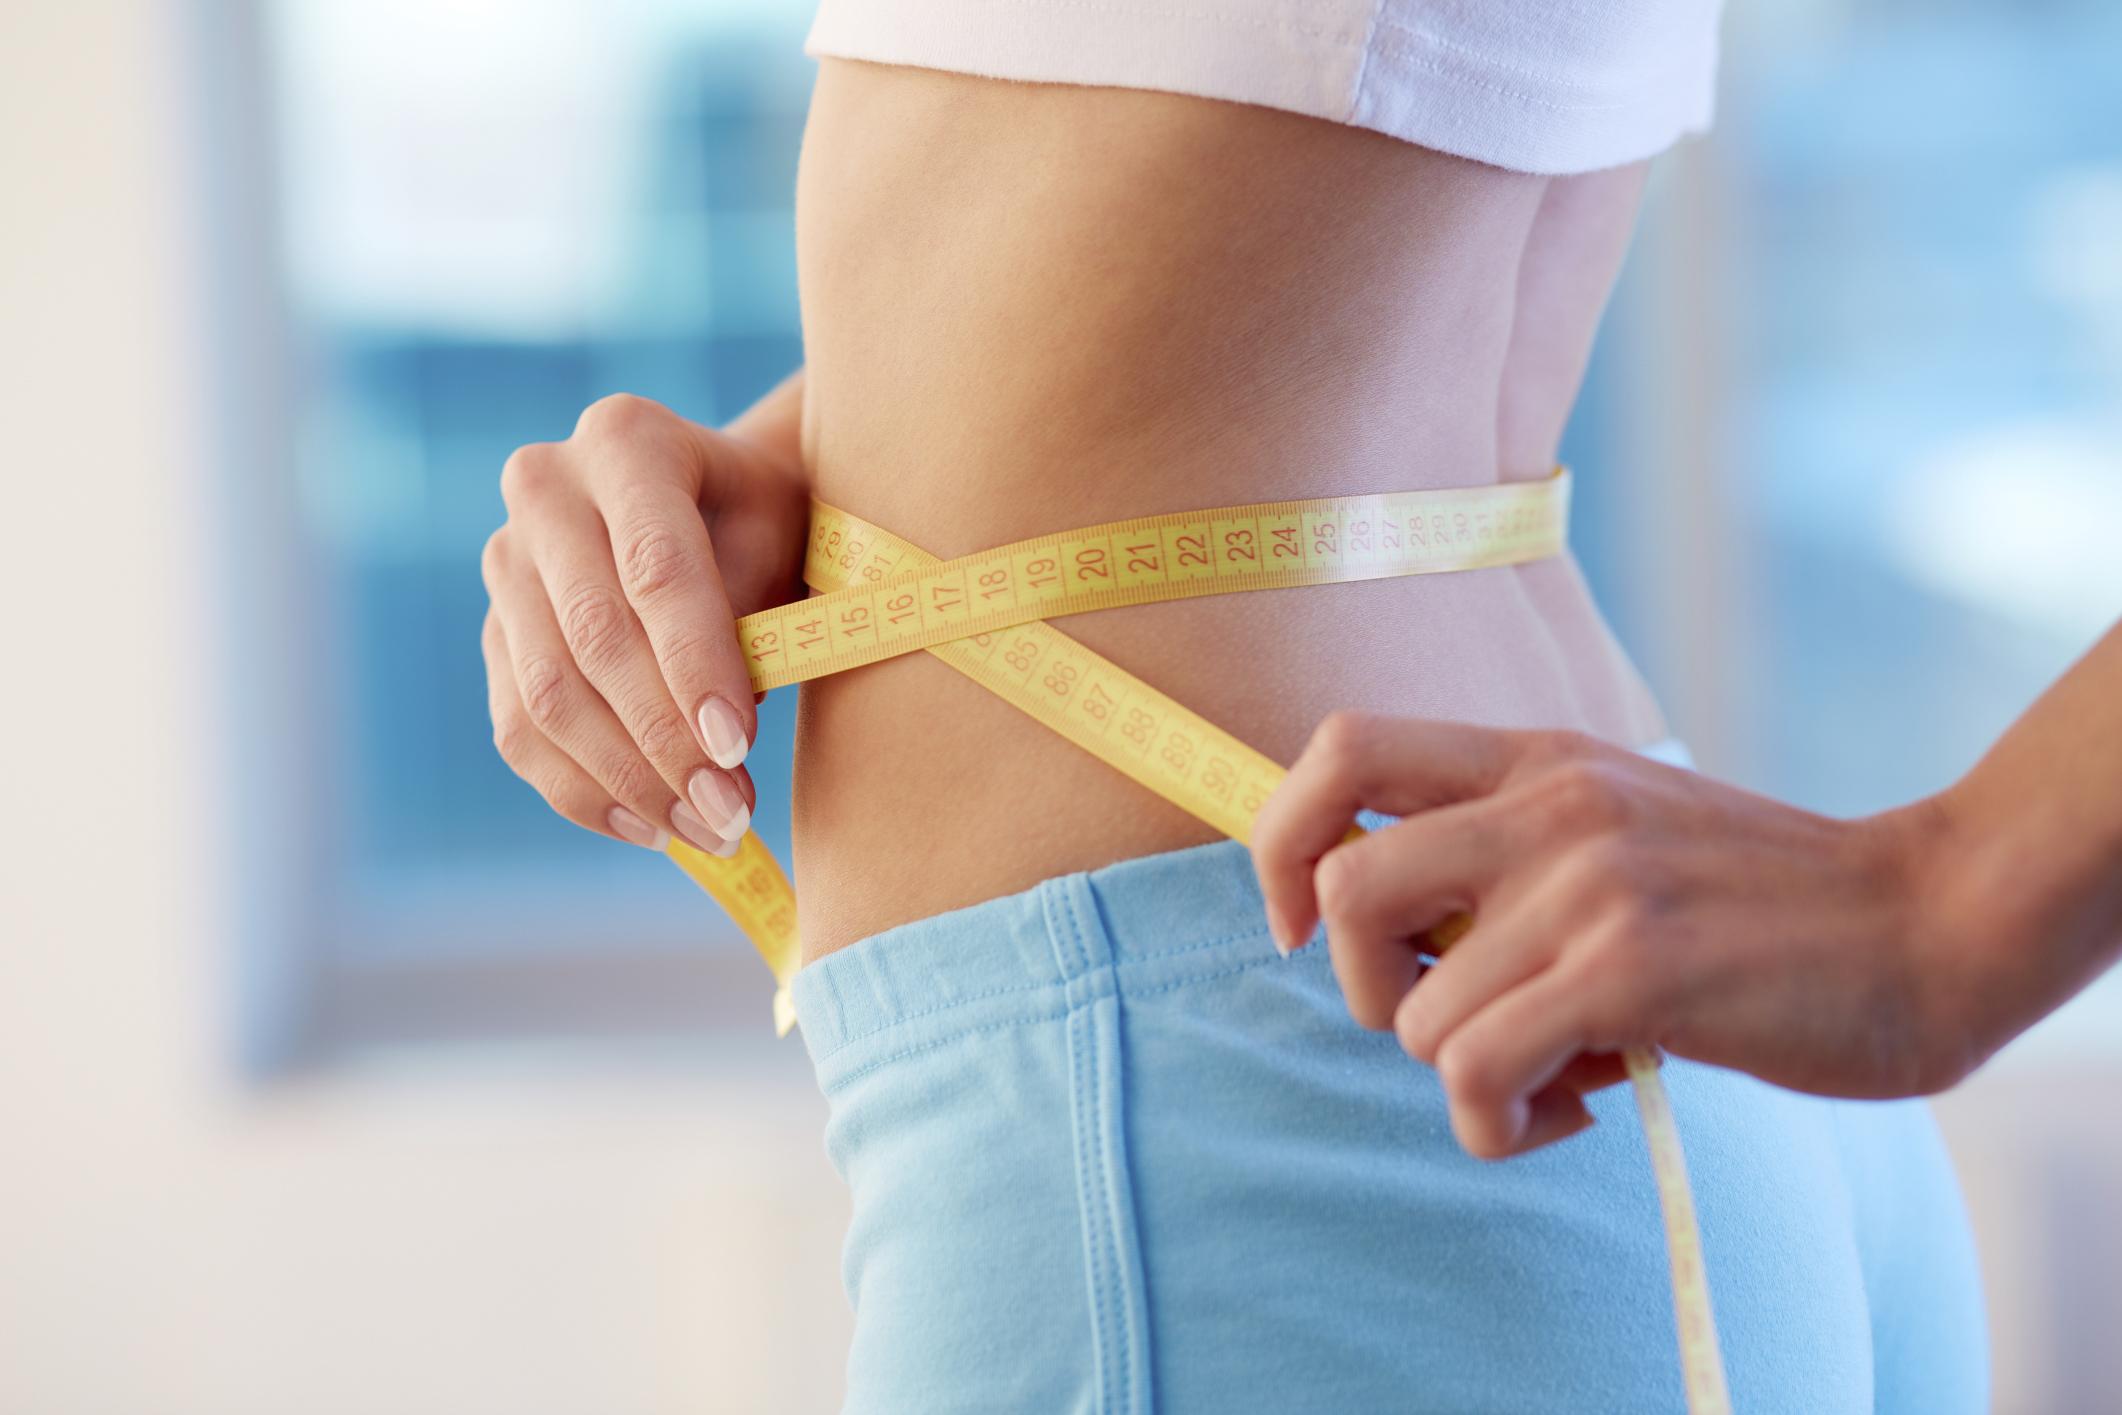 Sadece 10 günde kilo vermek için basit ipuçları